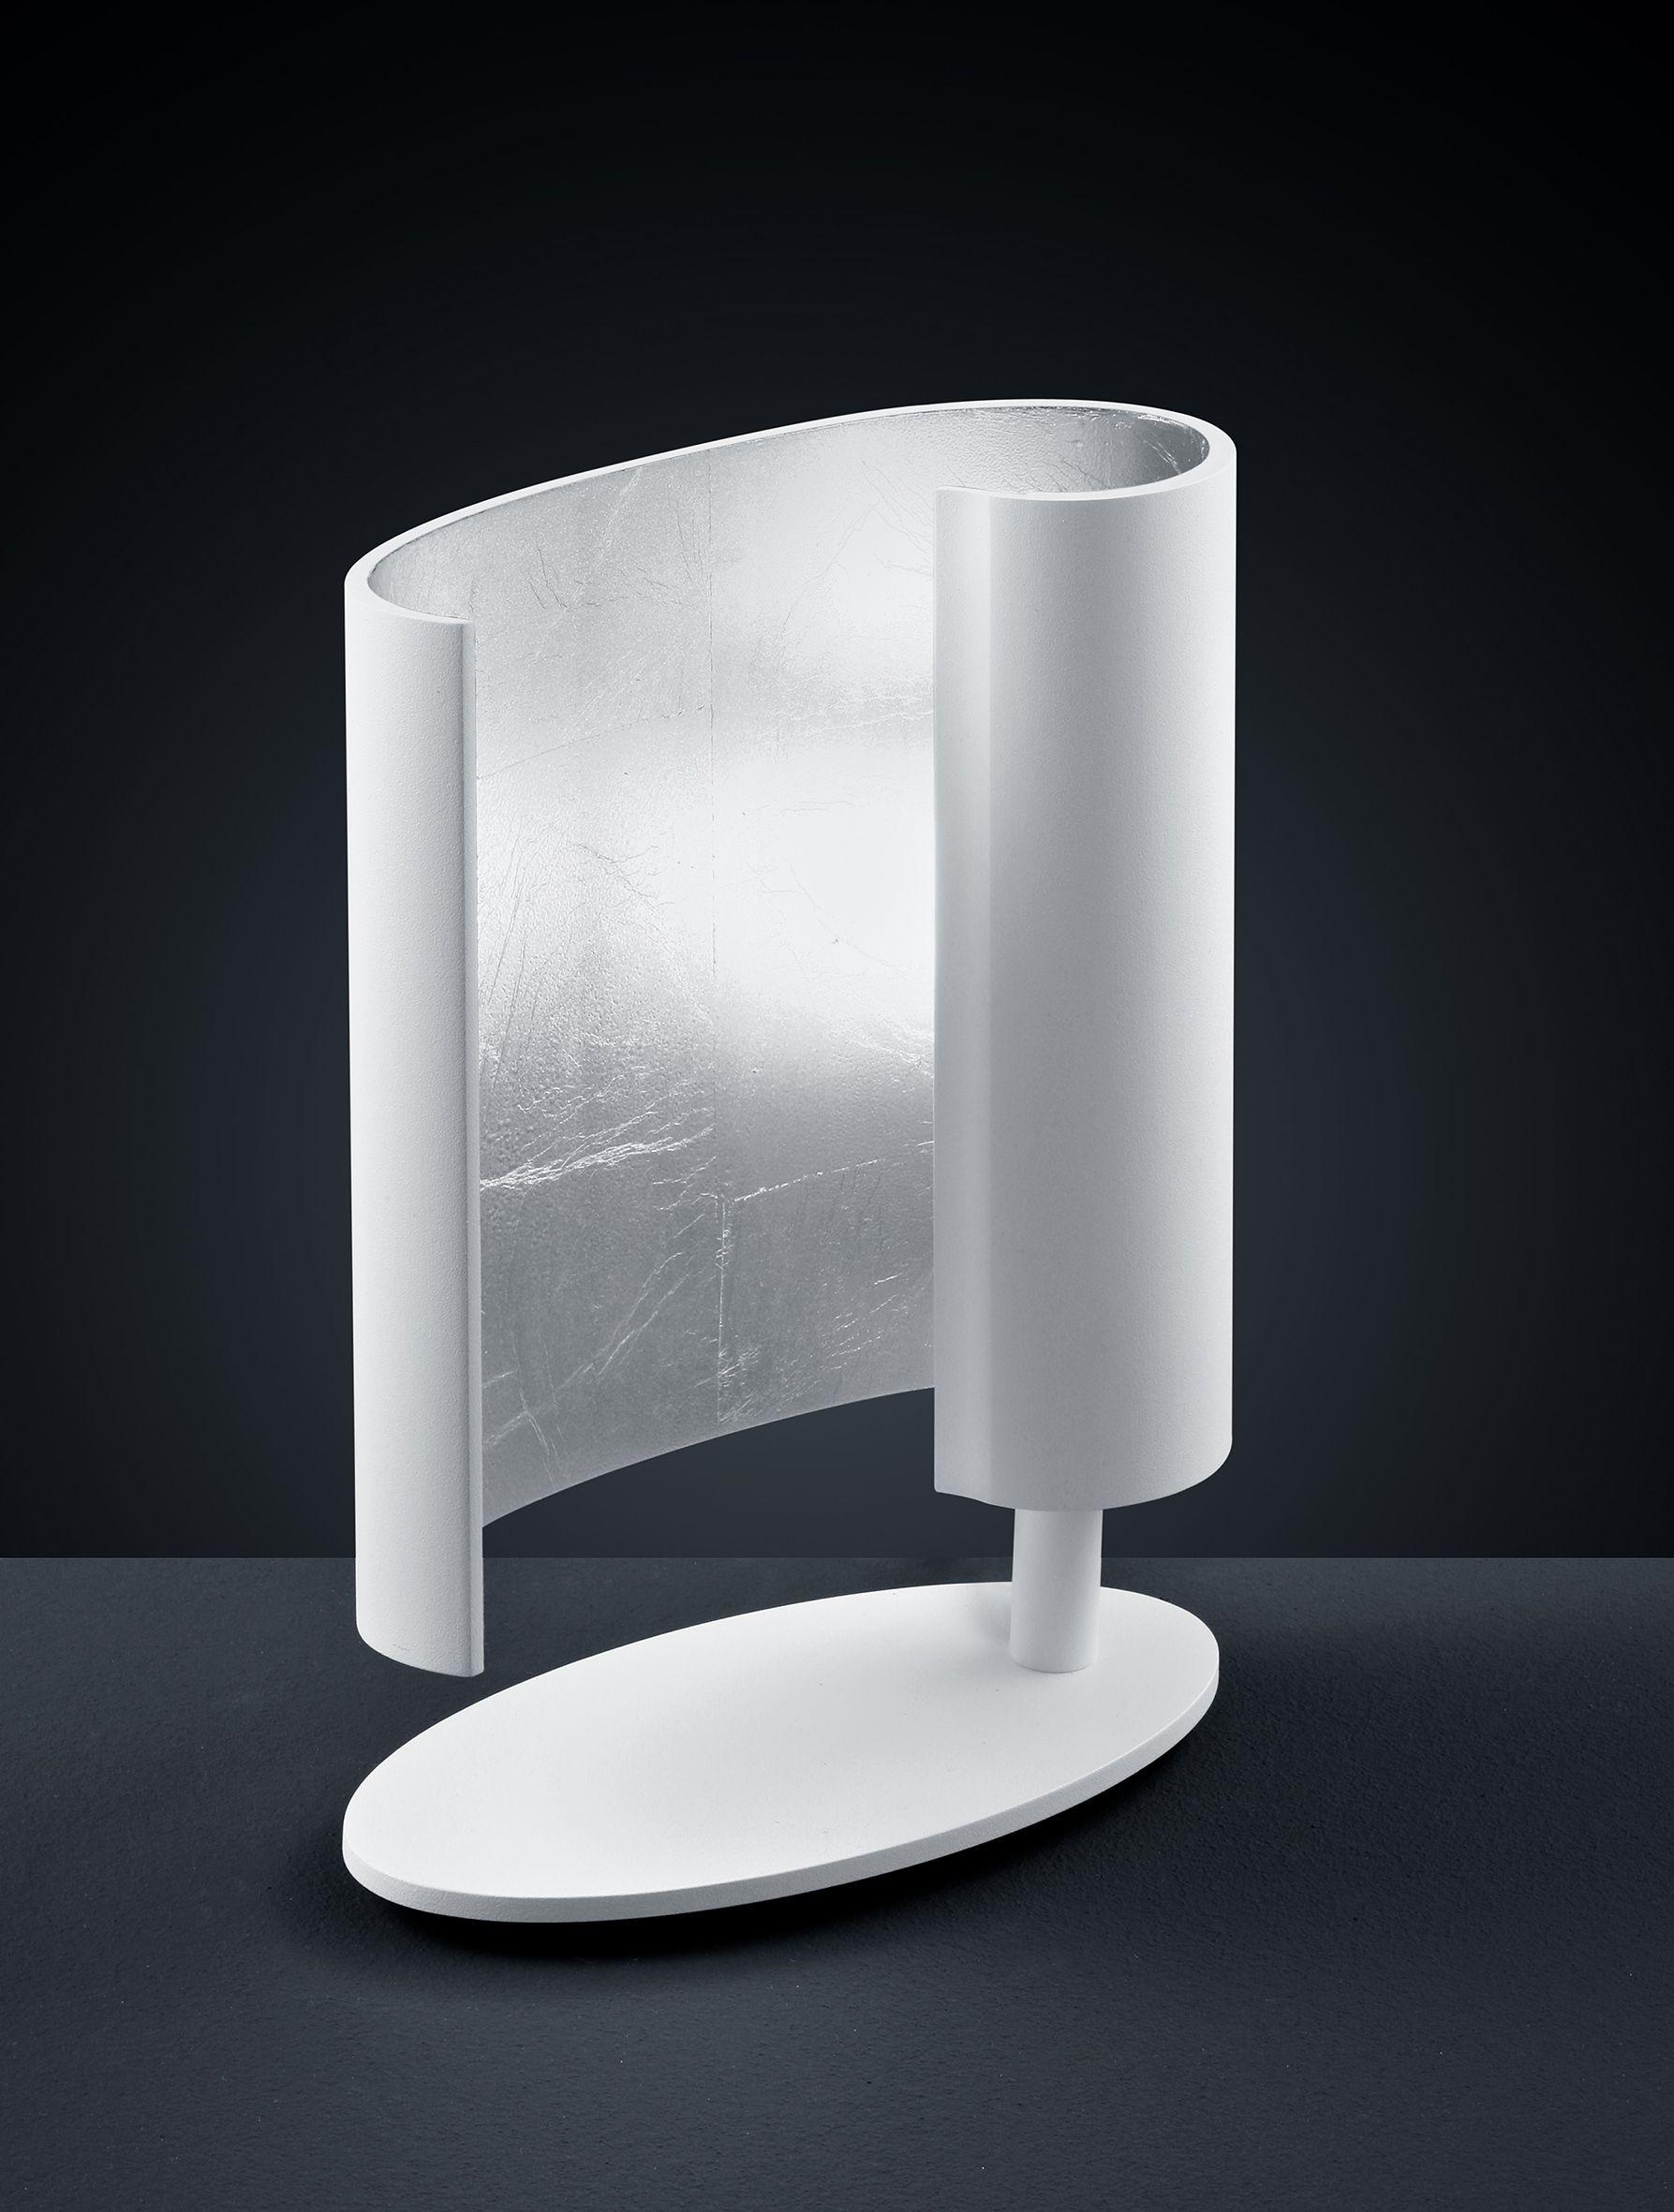 Tischleuchten von BANKAMP Leuchtenmanufaktur LED-Tischleuchte Luce Elevata Embrace LED L5909.1-50